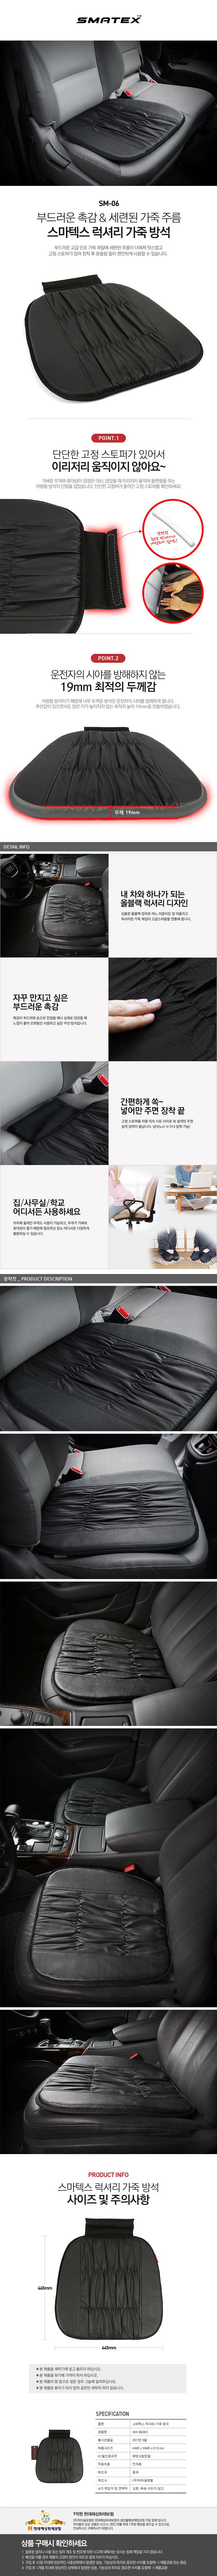 스마텍스 SM-06 럭셔리 가죽방석/SMATEX